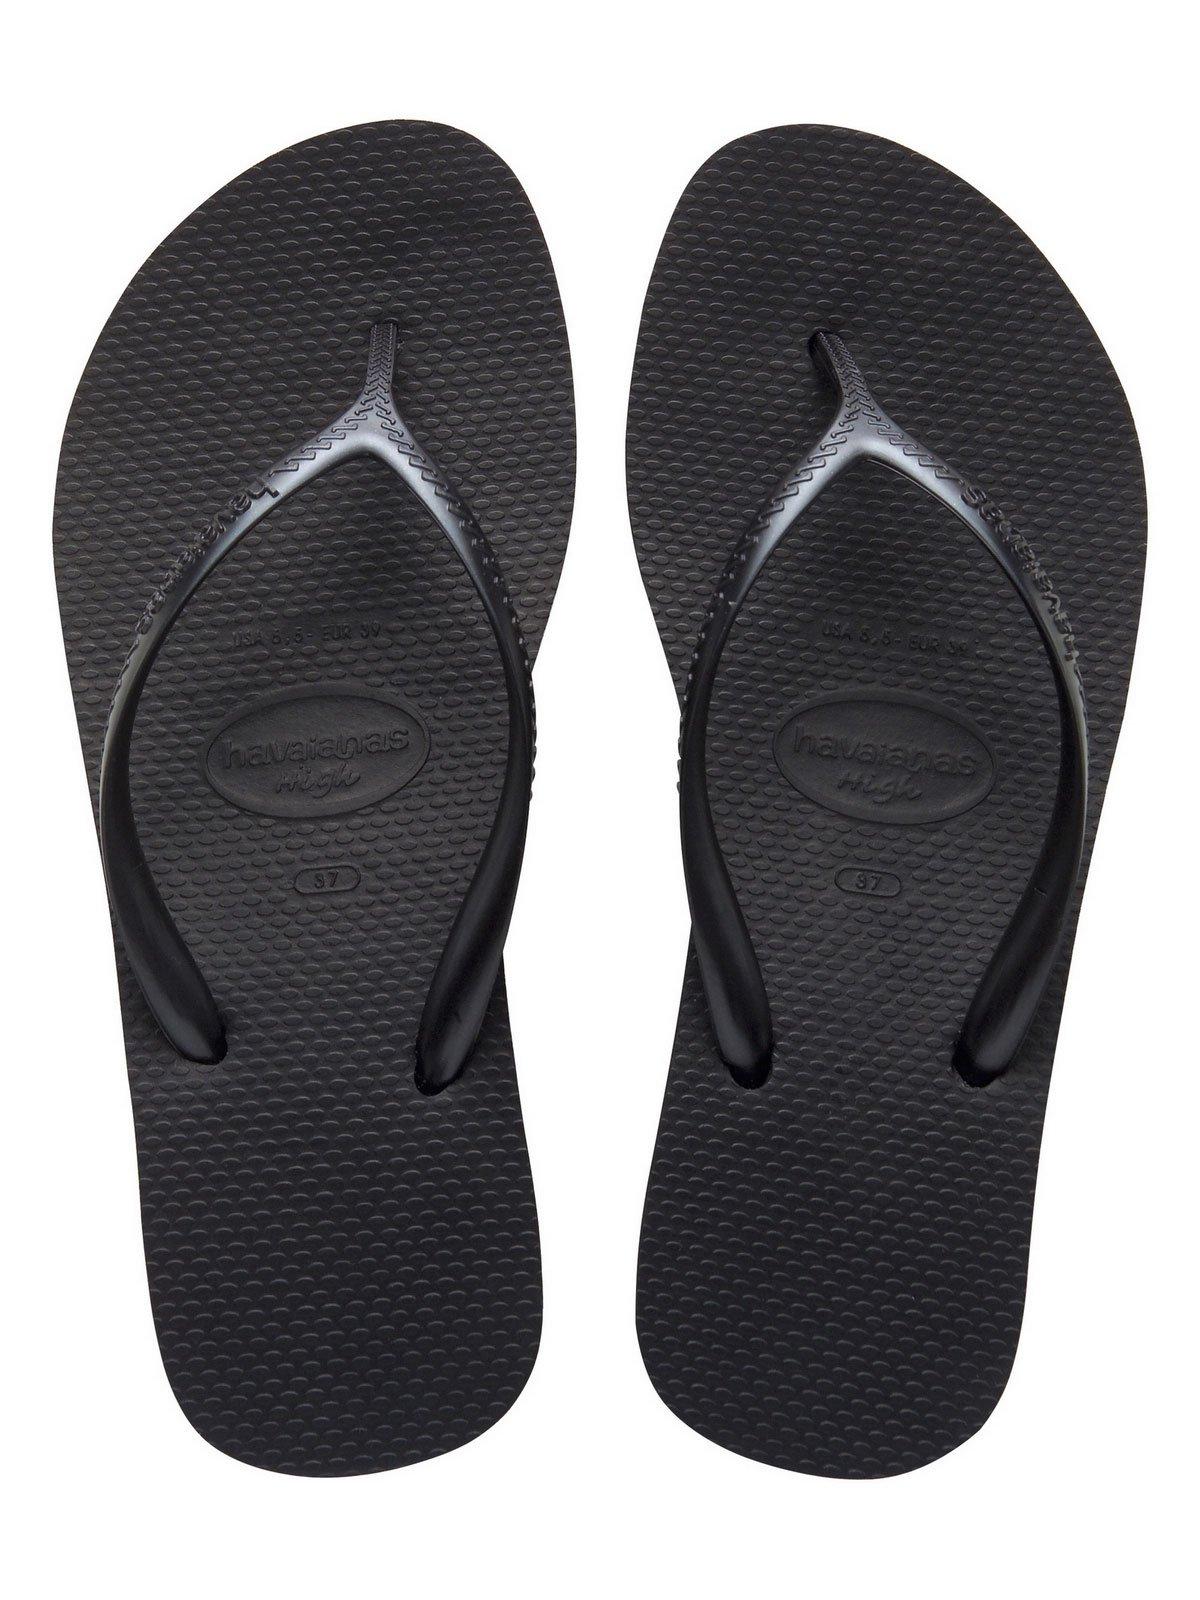 Flip Flops Zehentrenner High Fashion Black Marke Havaianas